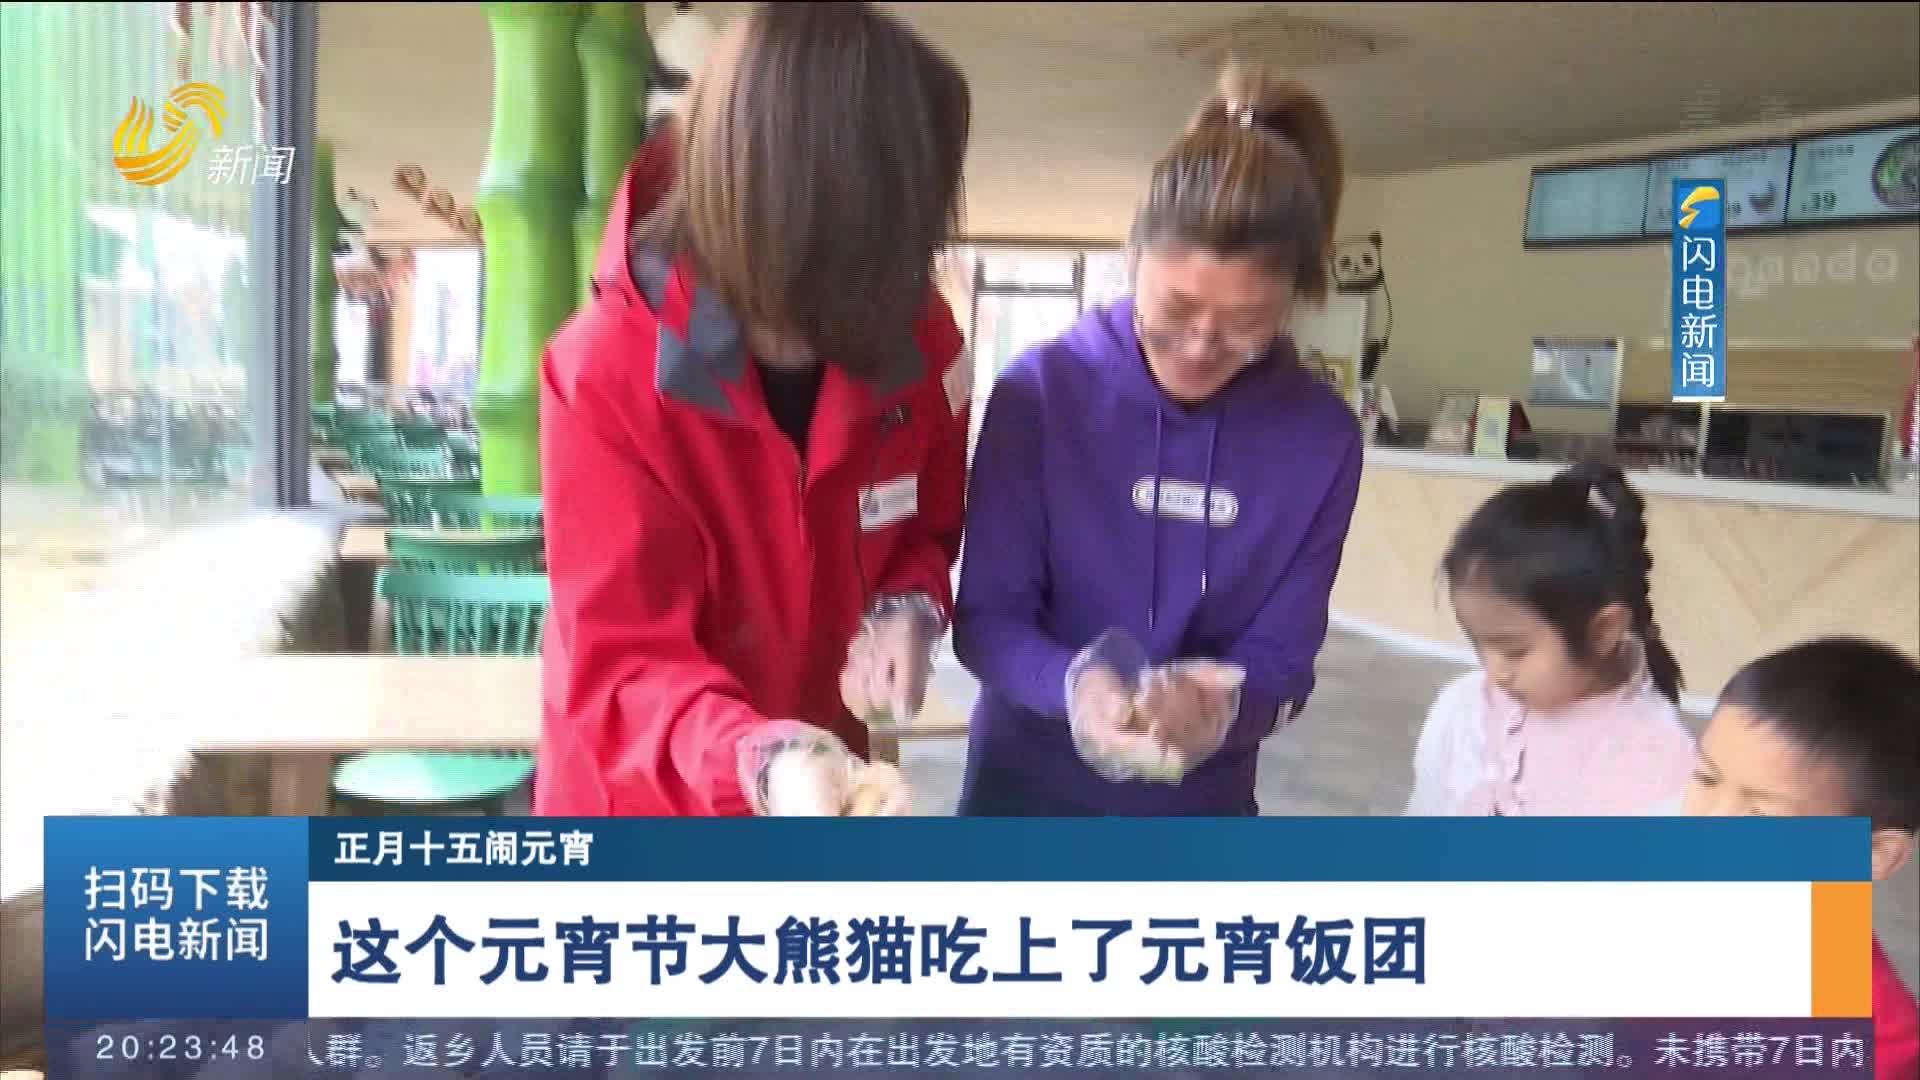 【正月十五闹元宵】这个元宵节大熊猫吃上了元宵饭团